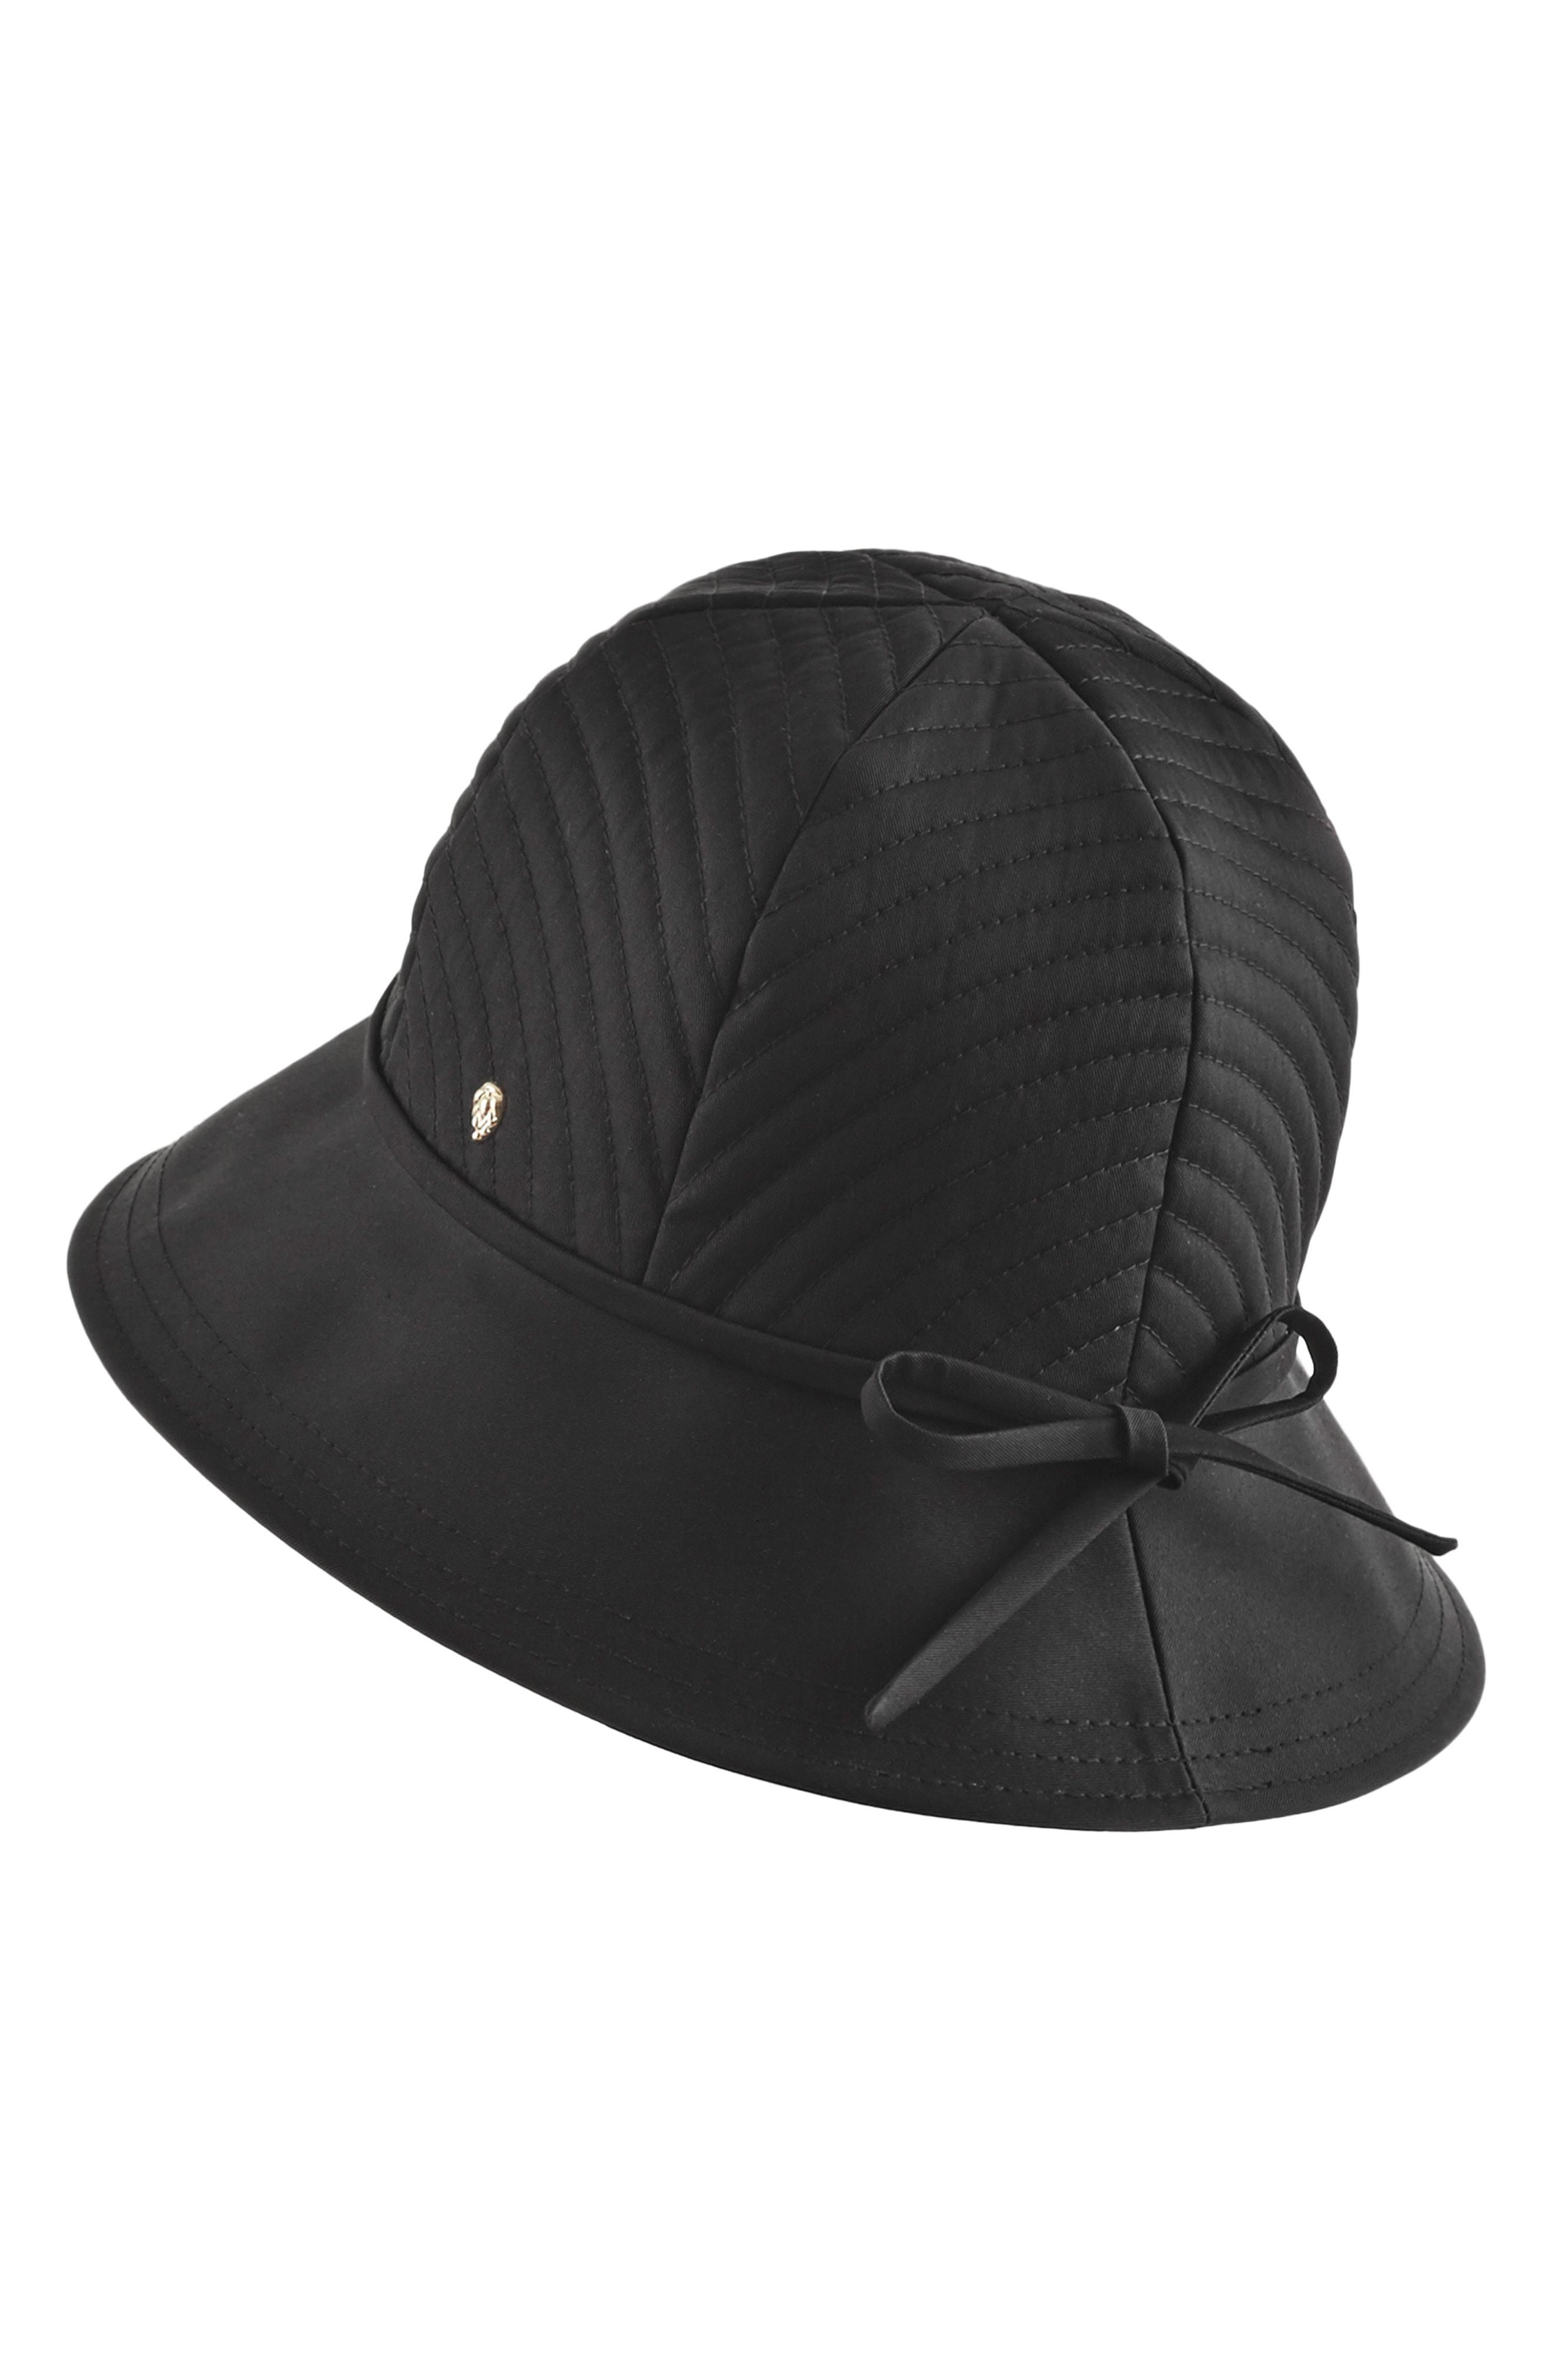 Lyst - Helen Kaminski Water Resistant Cloche Hat - in Black 170524e39ec6